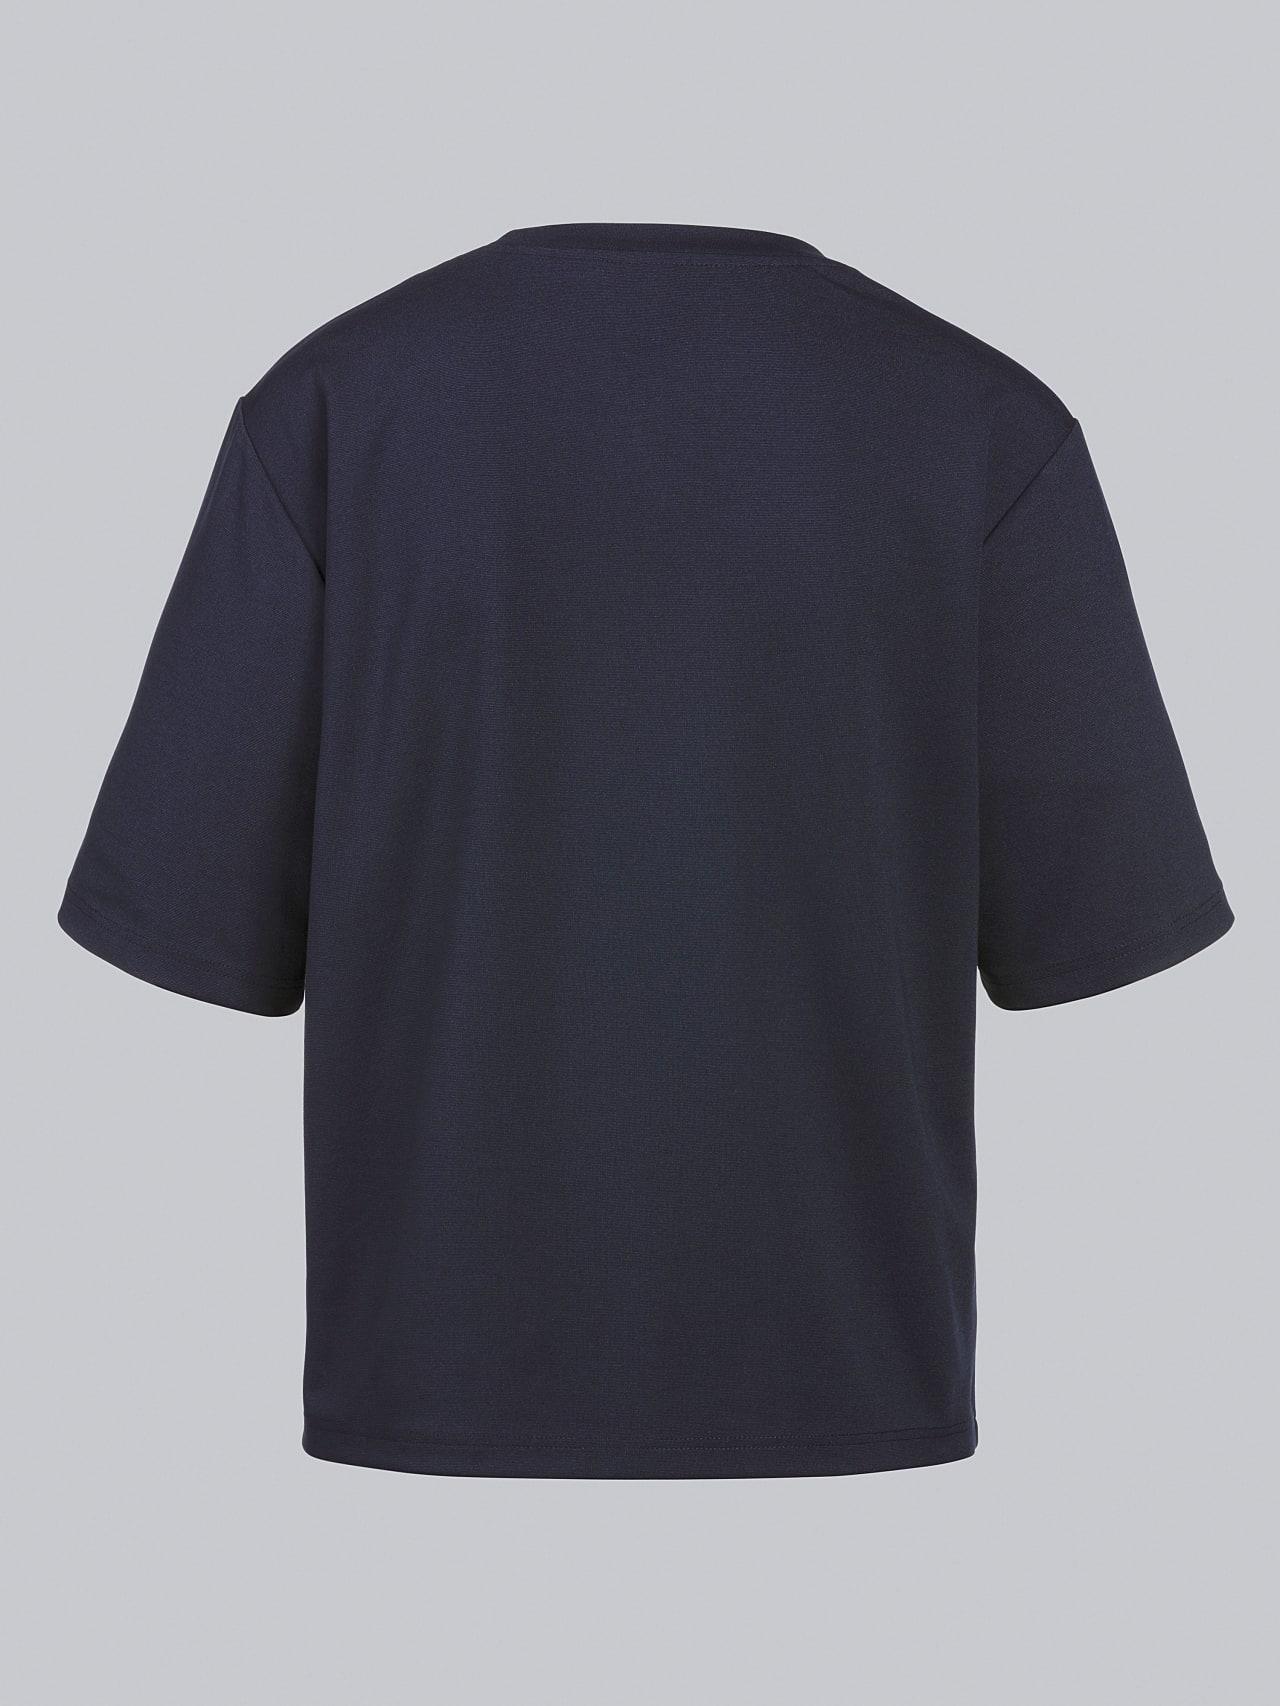 JASHU V1.Y5.02 Heavy-Weight Logo T-Shirt navy Left Alpha Tauri